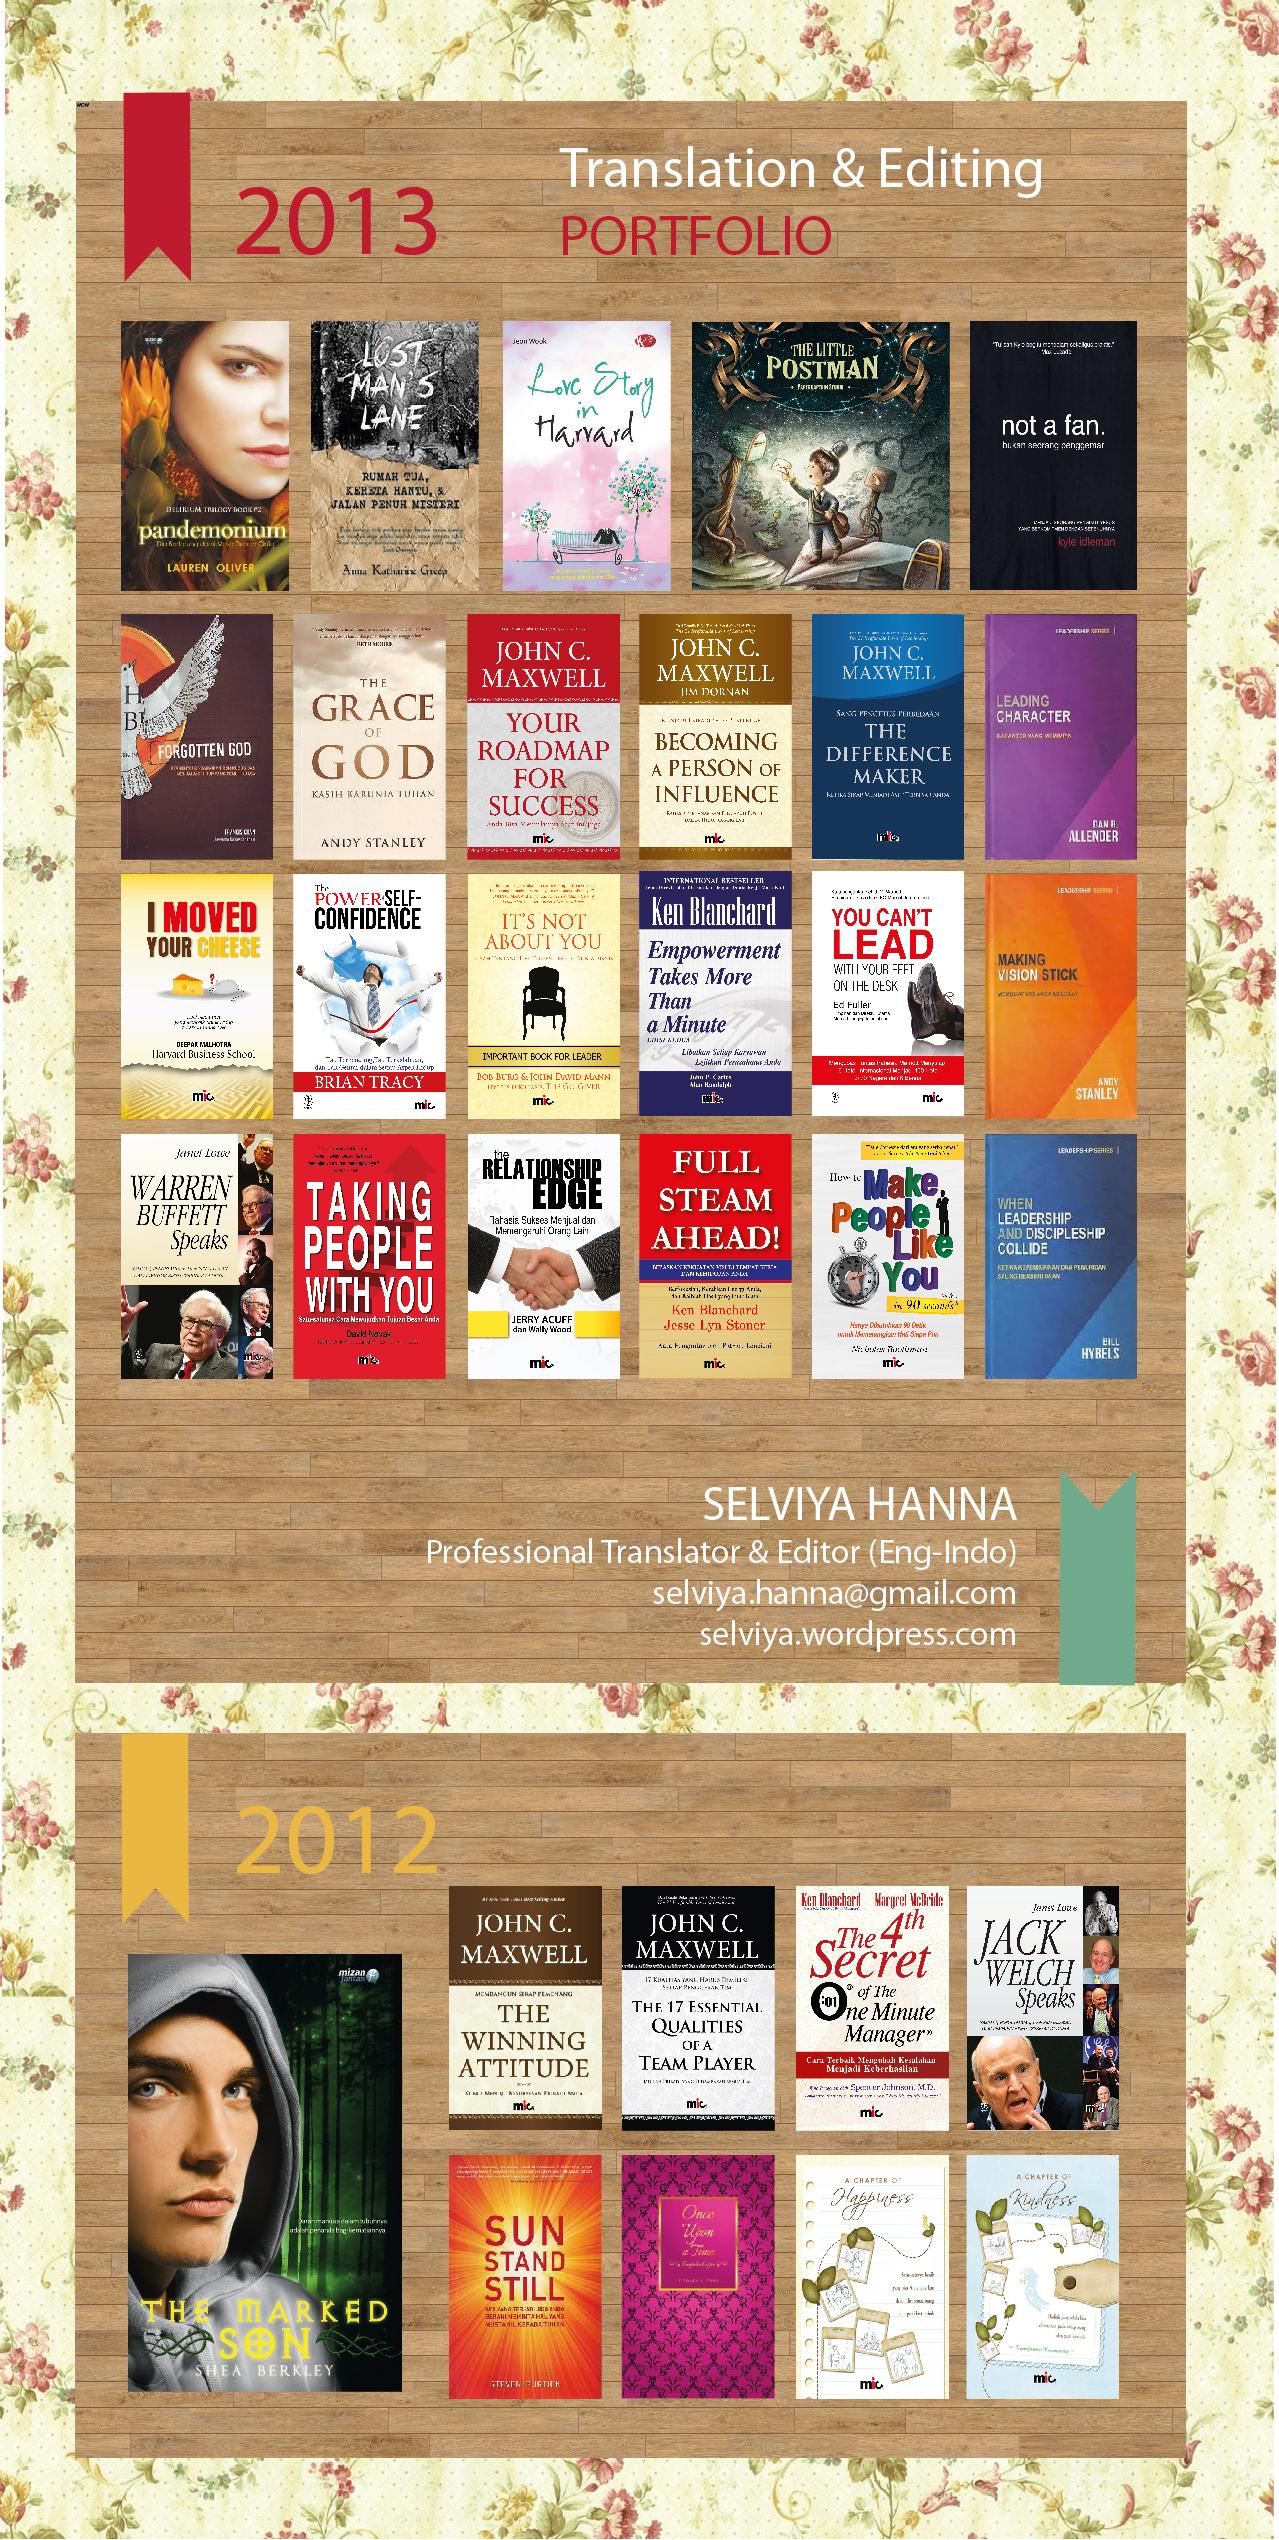 buku yang diedit dan diterjemahkan 2012-2013